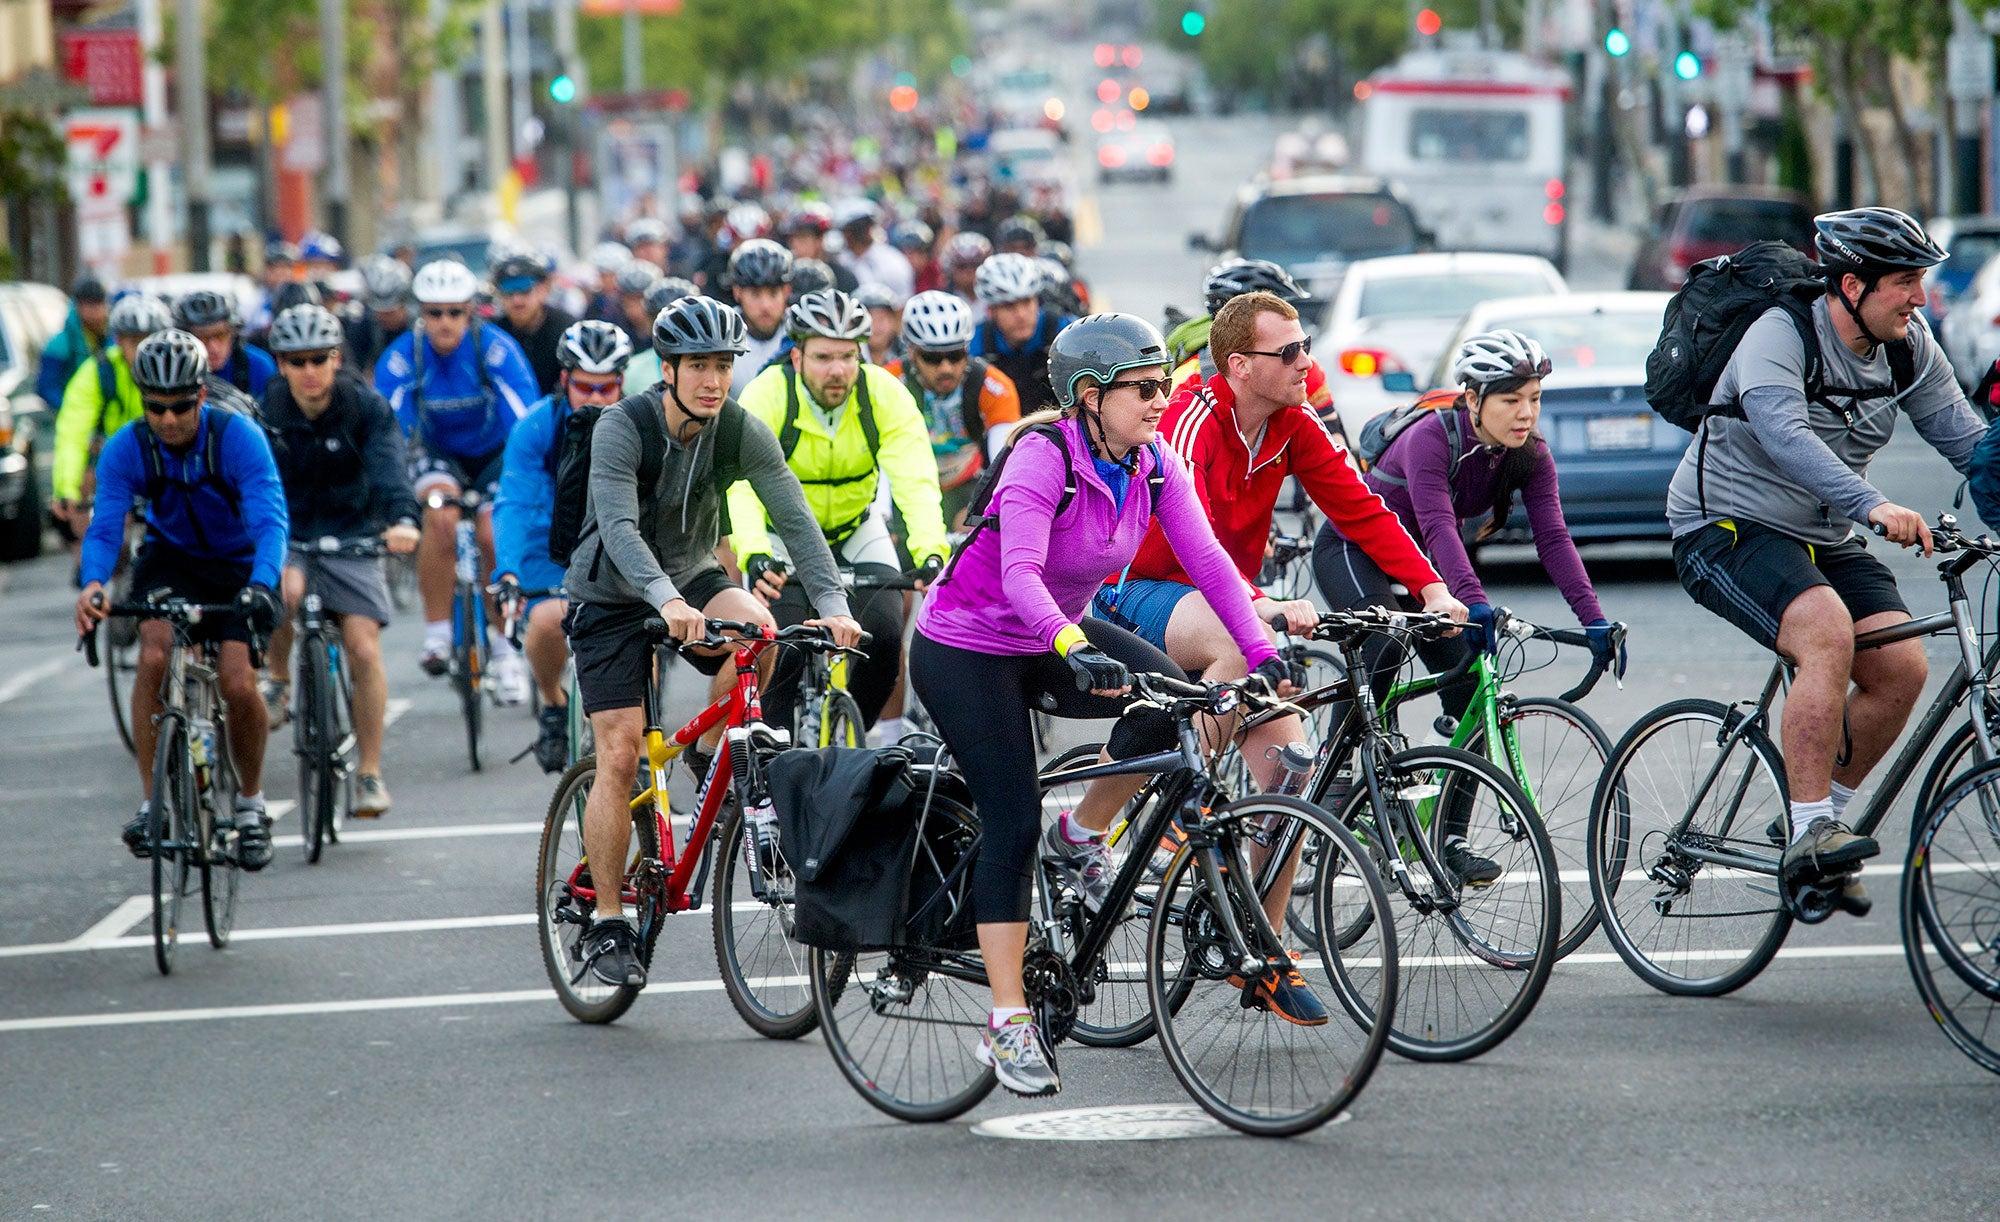 SF bike riders on Bike-to-Work Day 2014